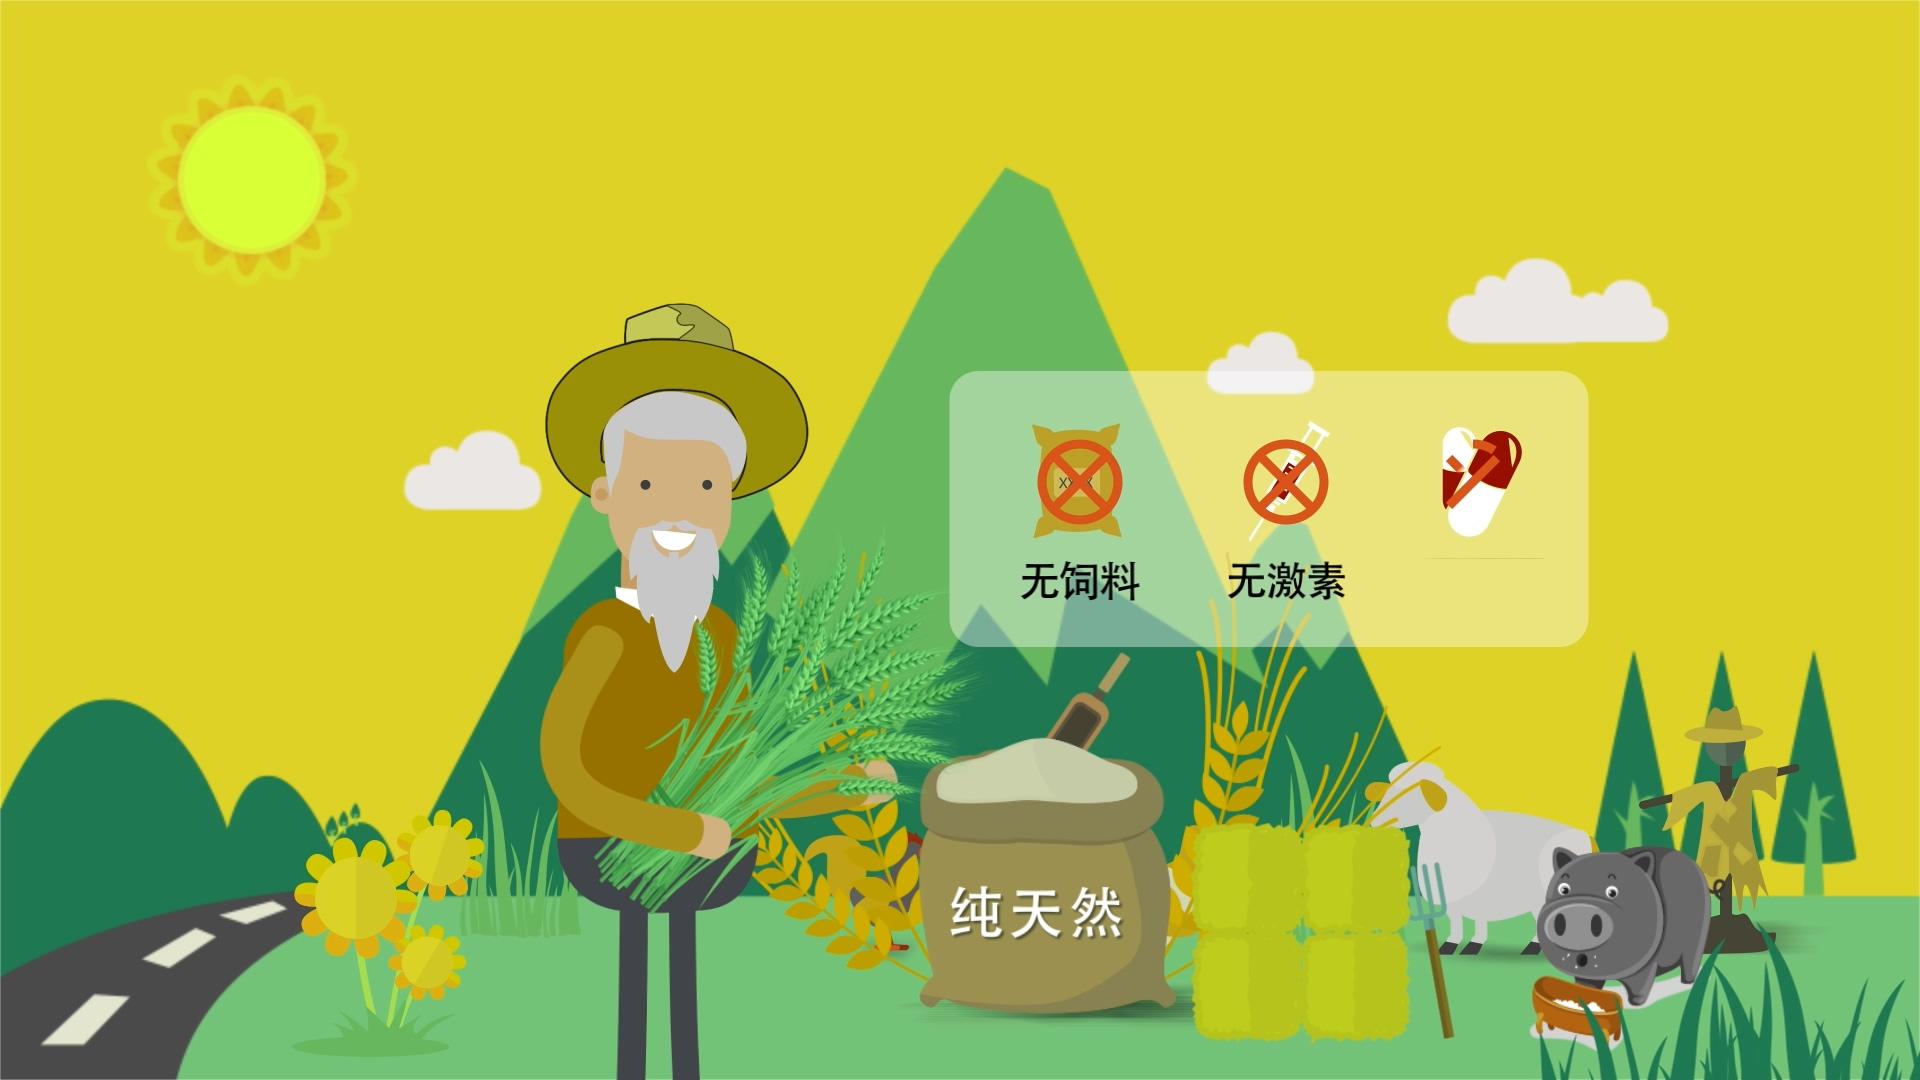 上海动漫MG动画排名 服务为先 上海知映文化传媒供应